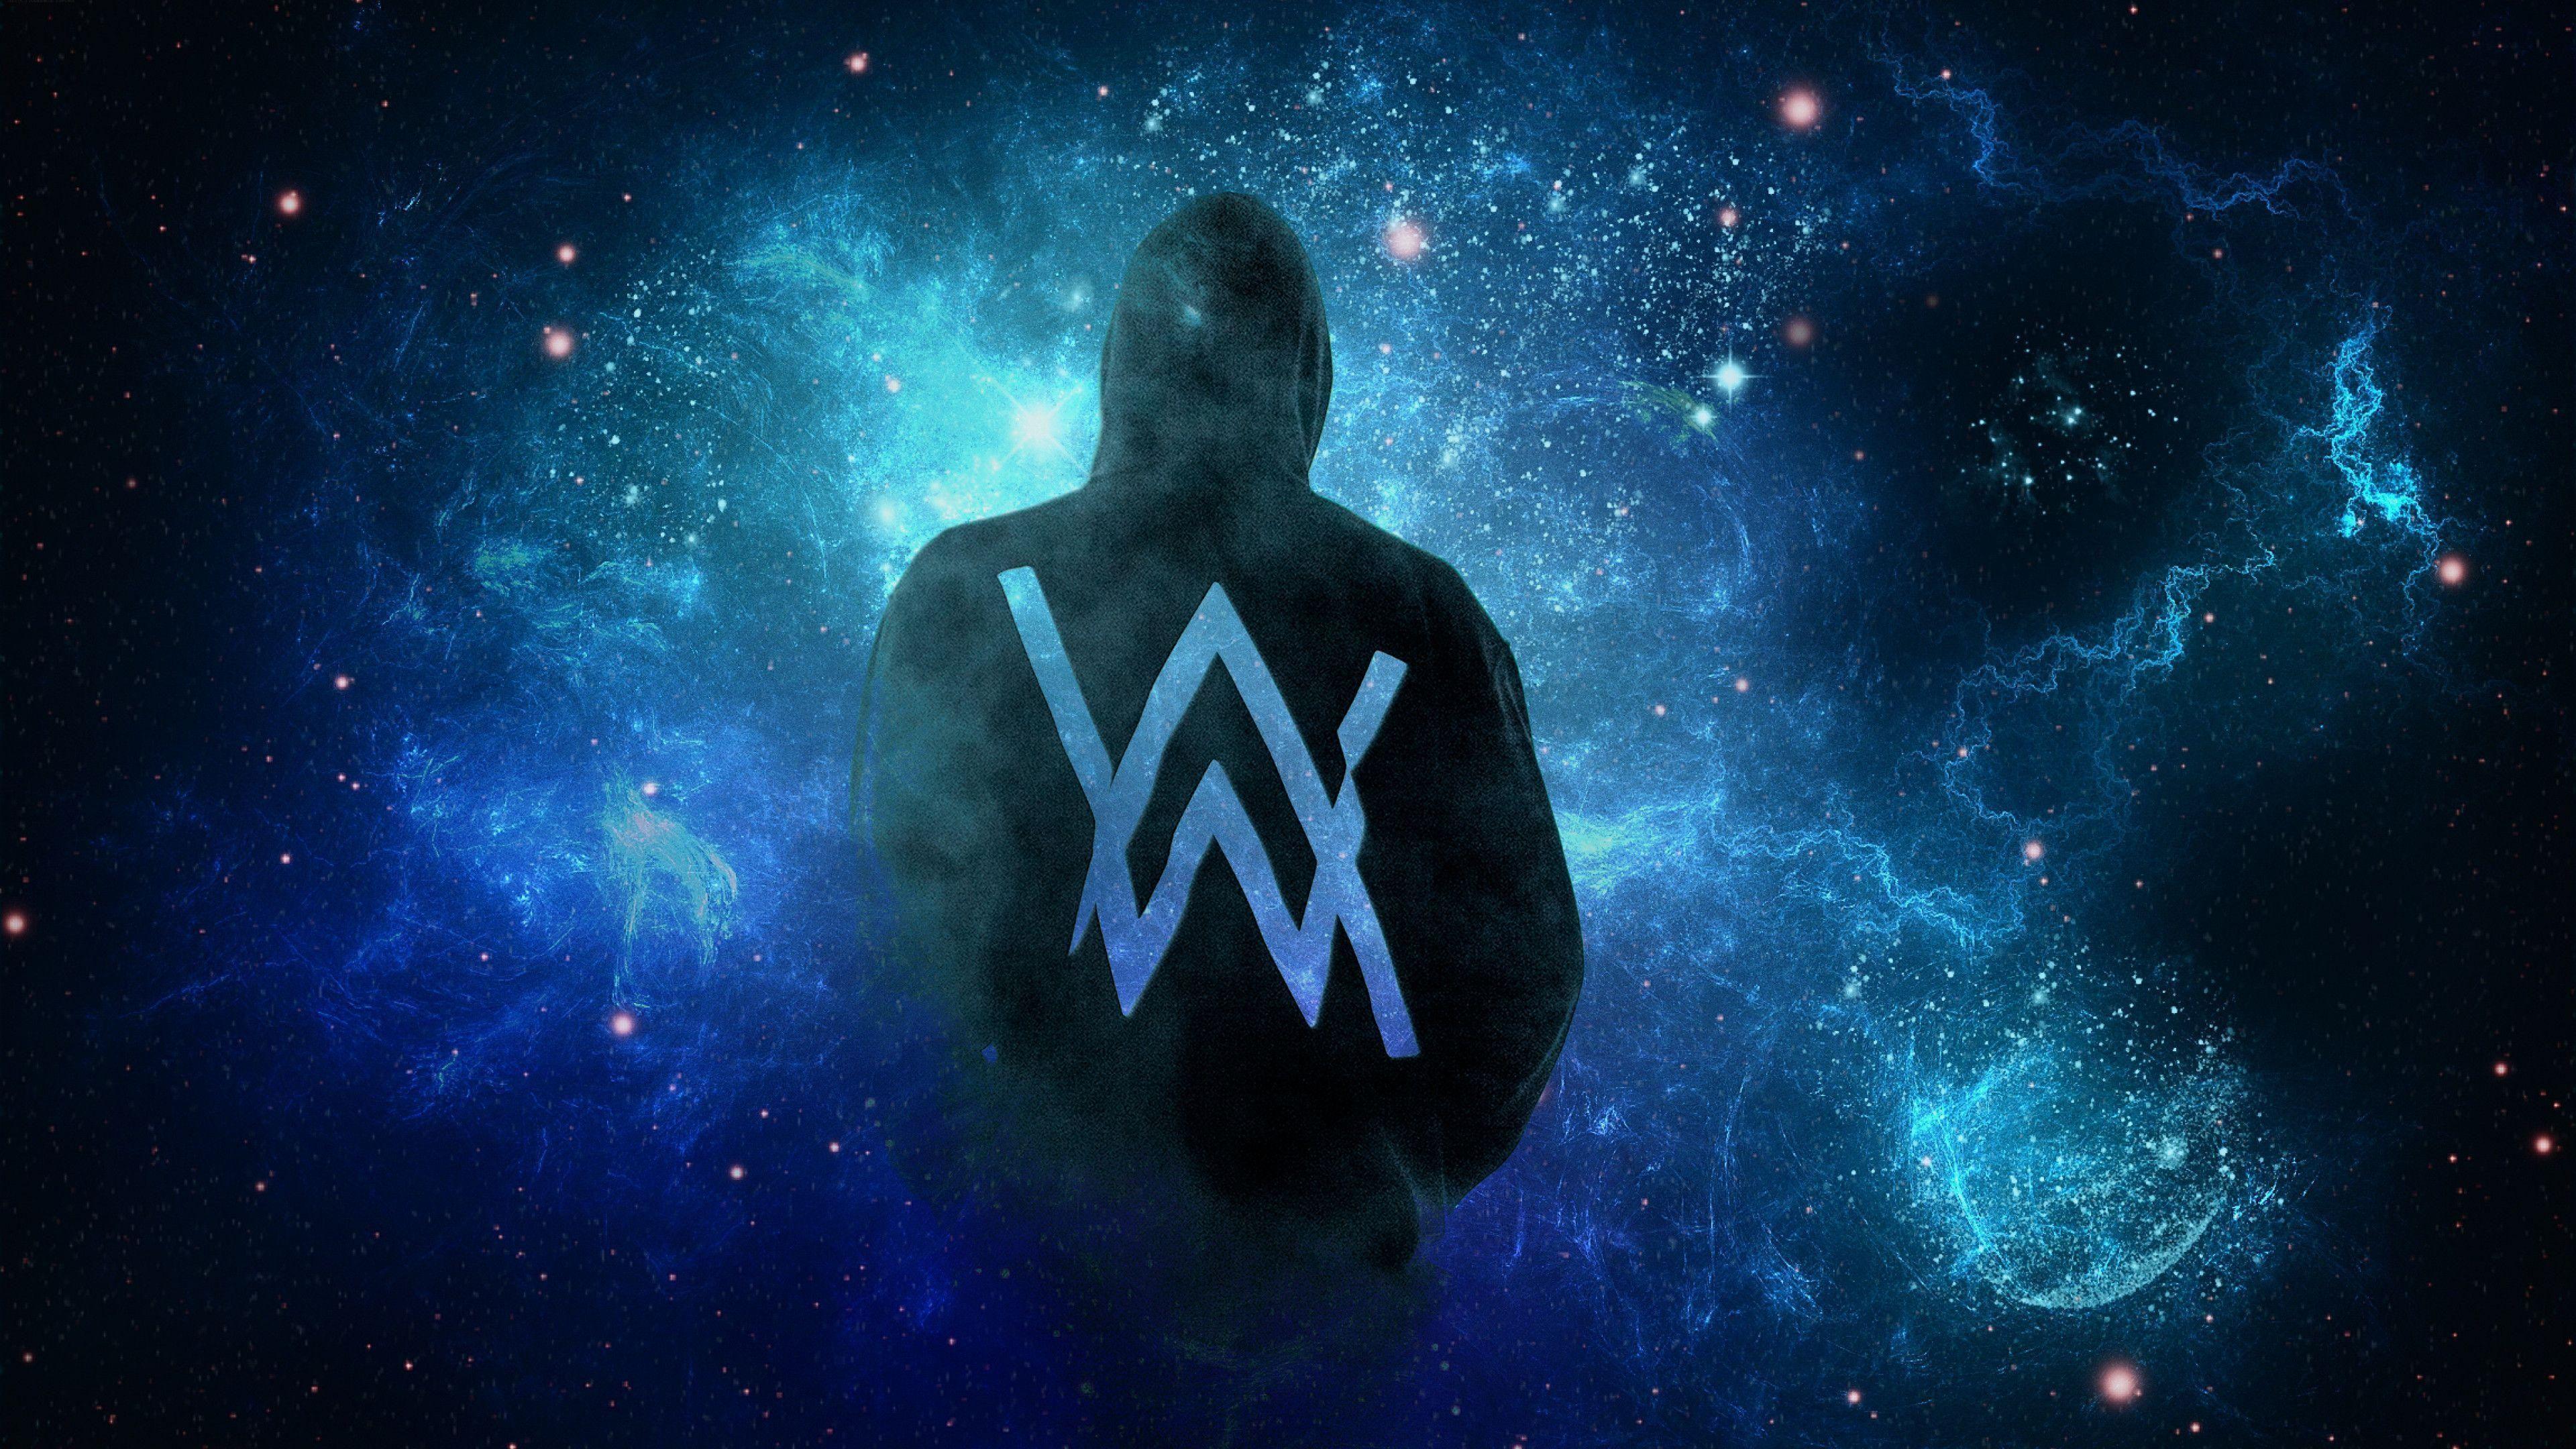 Alan Walker Wallpapers HD Full HD Pictures Alan walker in 2019 3840x2160